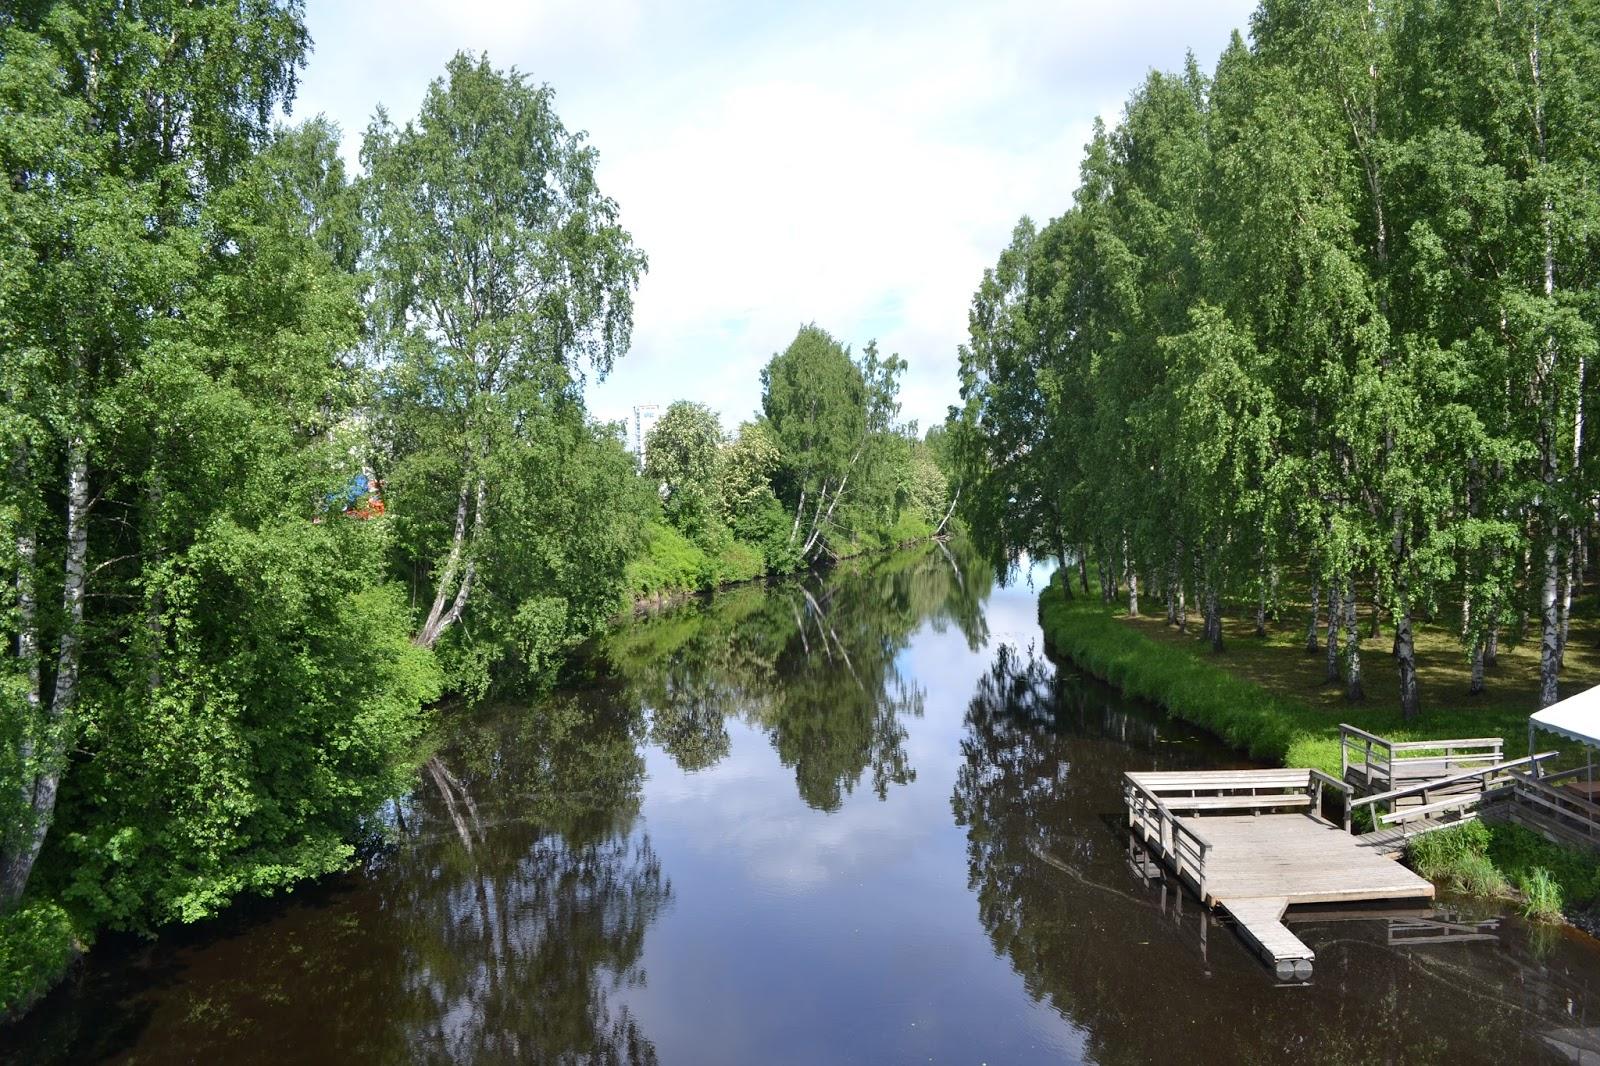 2018 huoria sukupuoli lähellä Seinäjoki